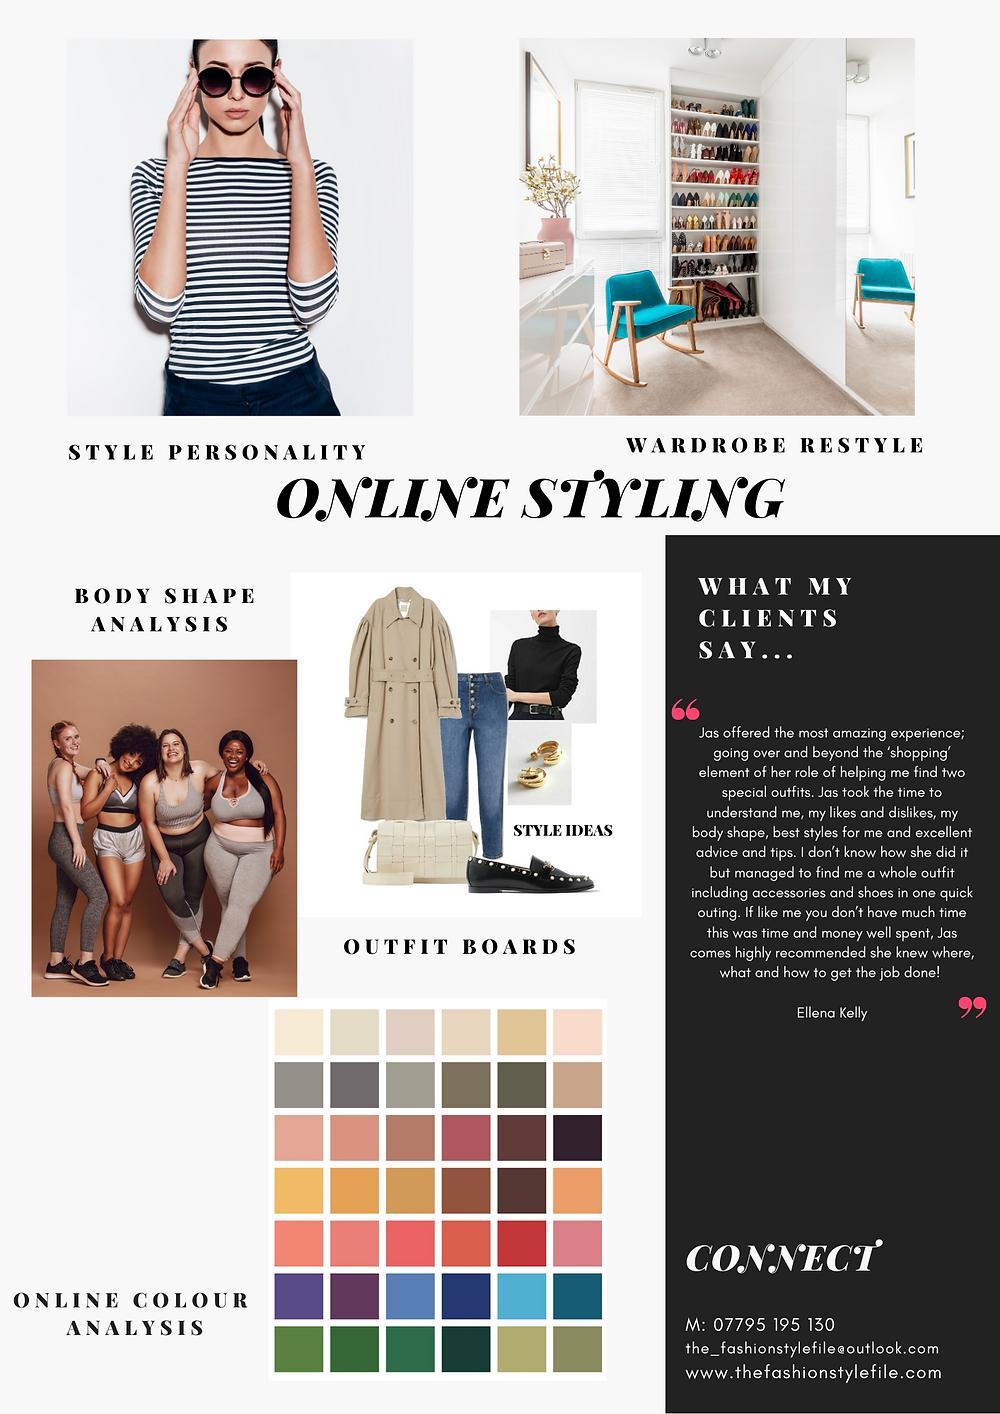 Online Styling London